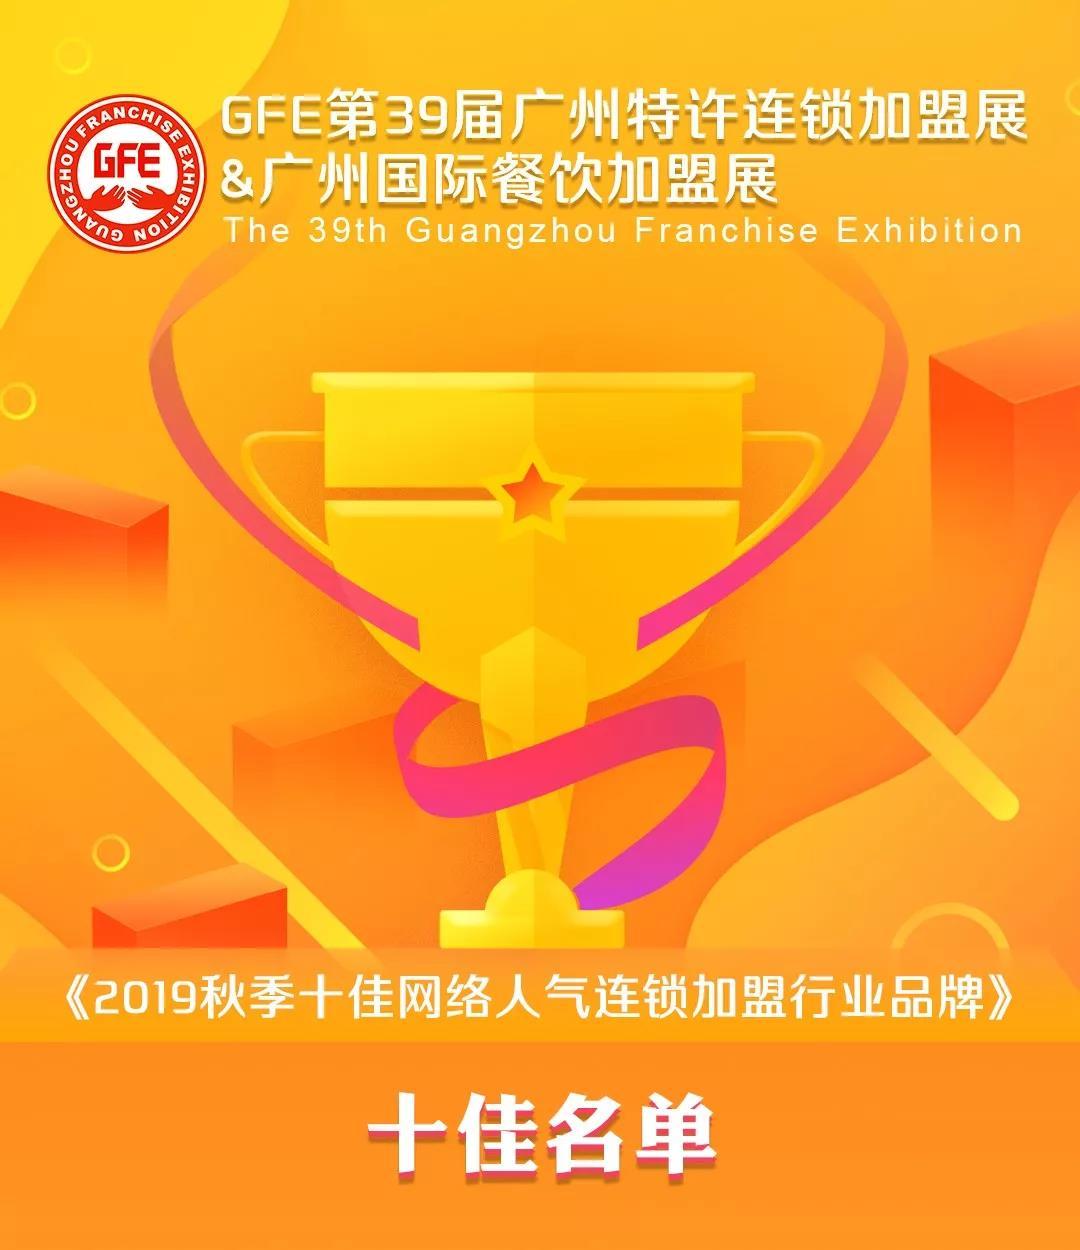 廣州特許加盟展-廣州特許加盟展覽會4